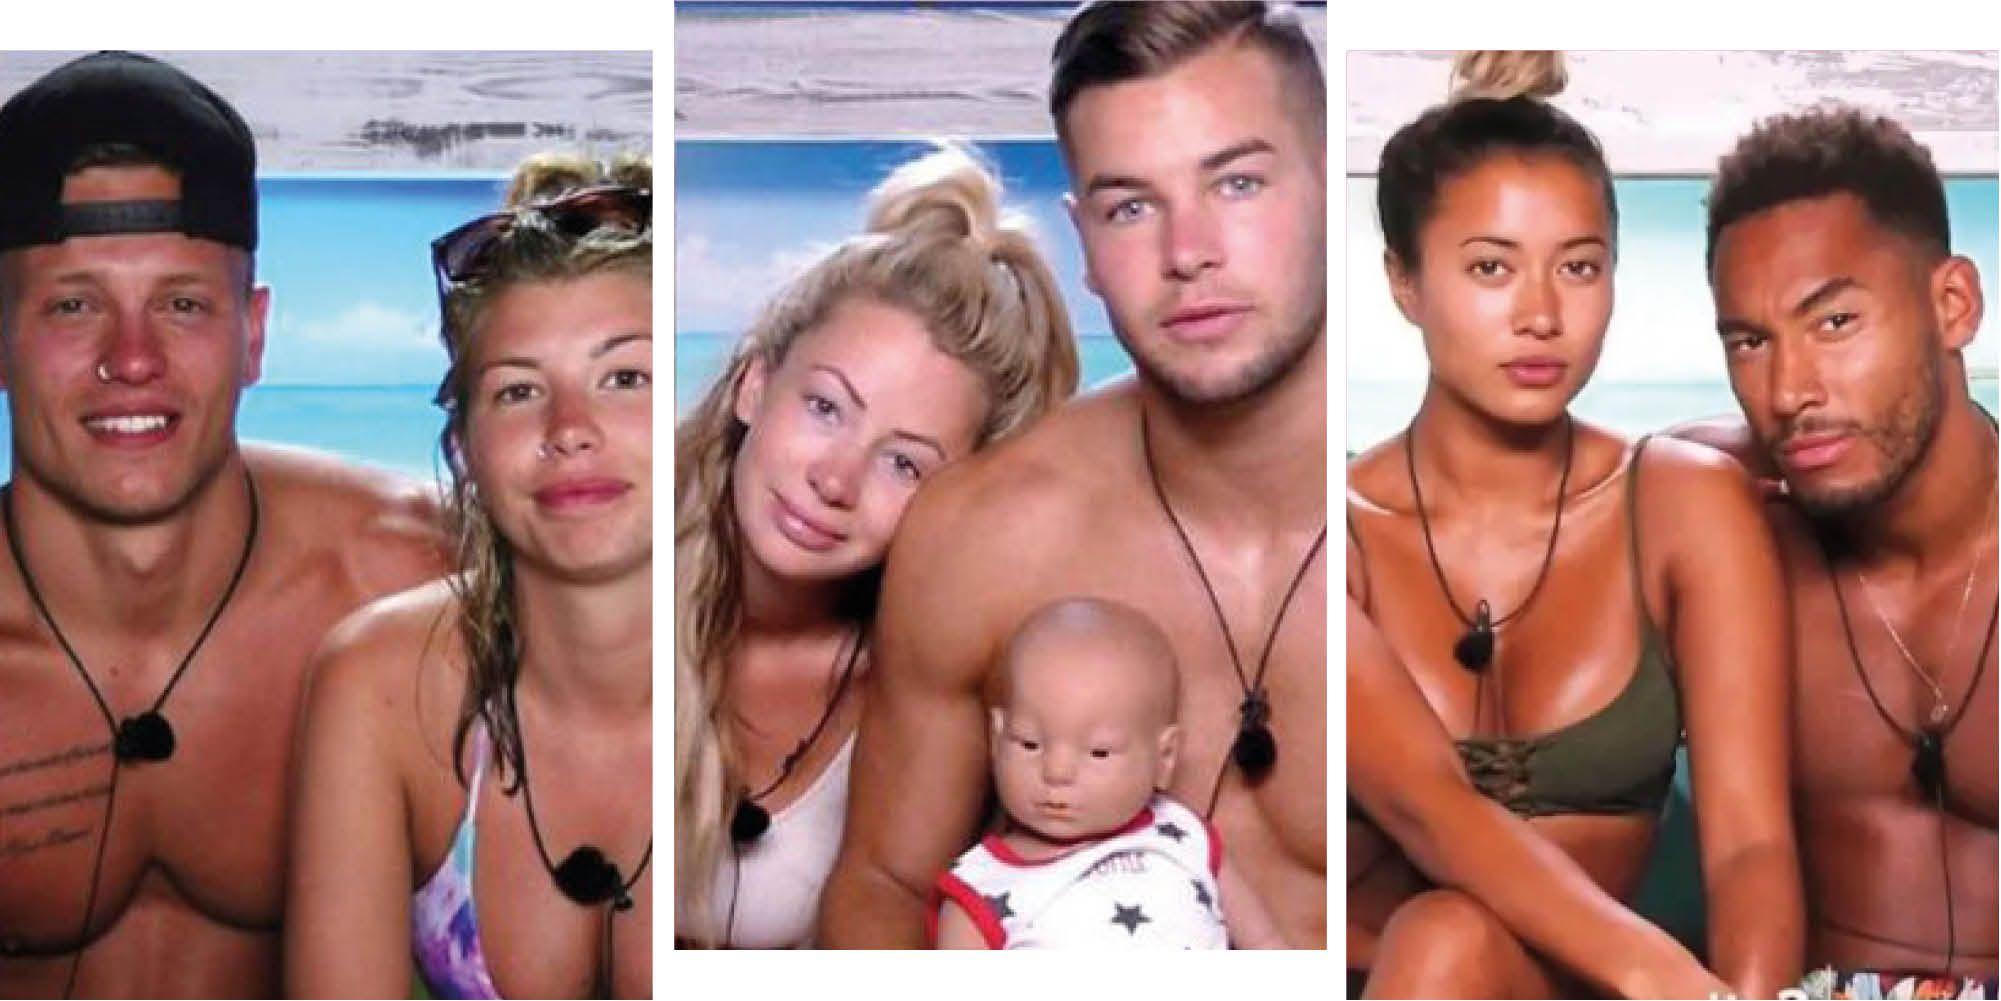 Watch love island uk online season 3